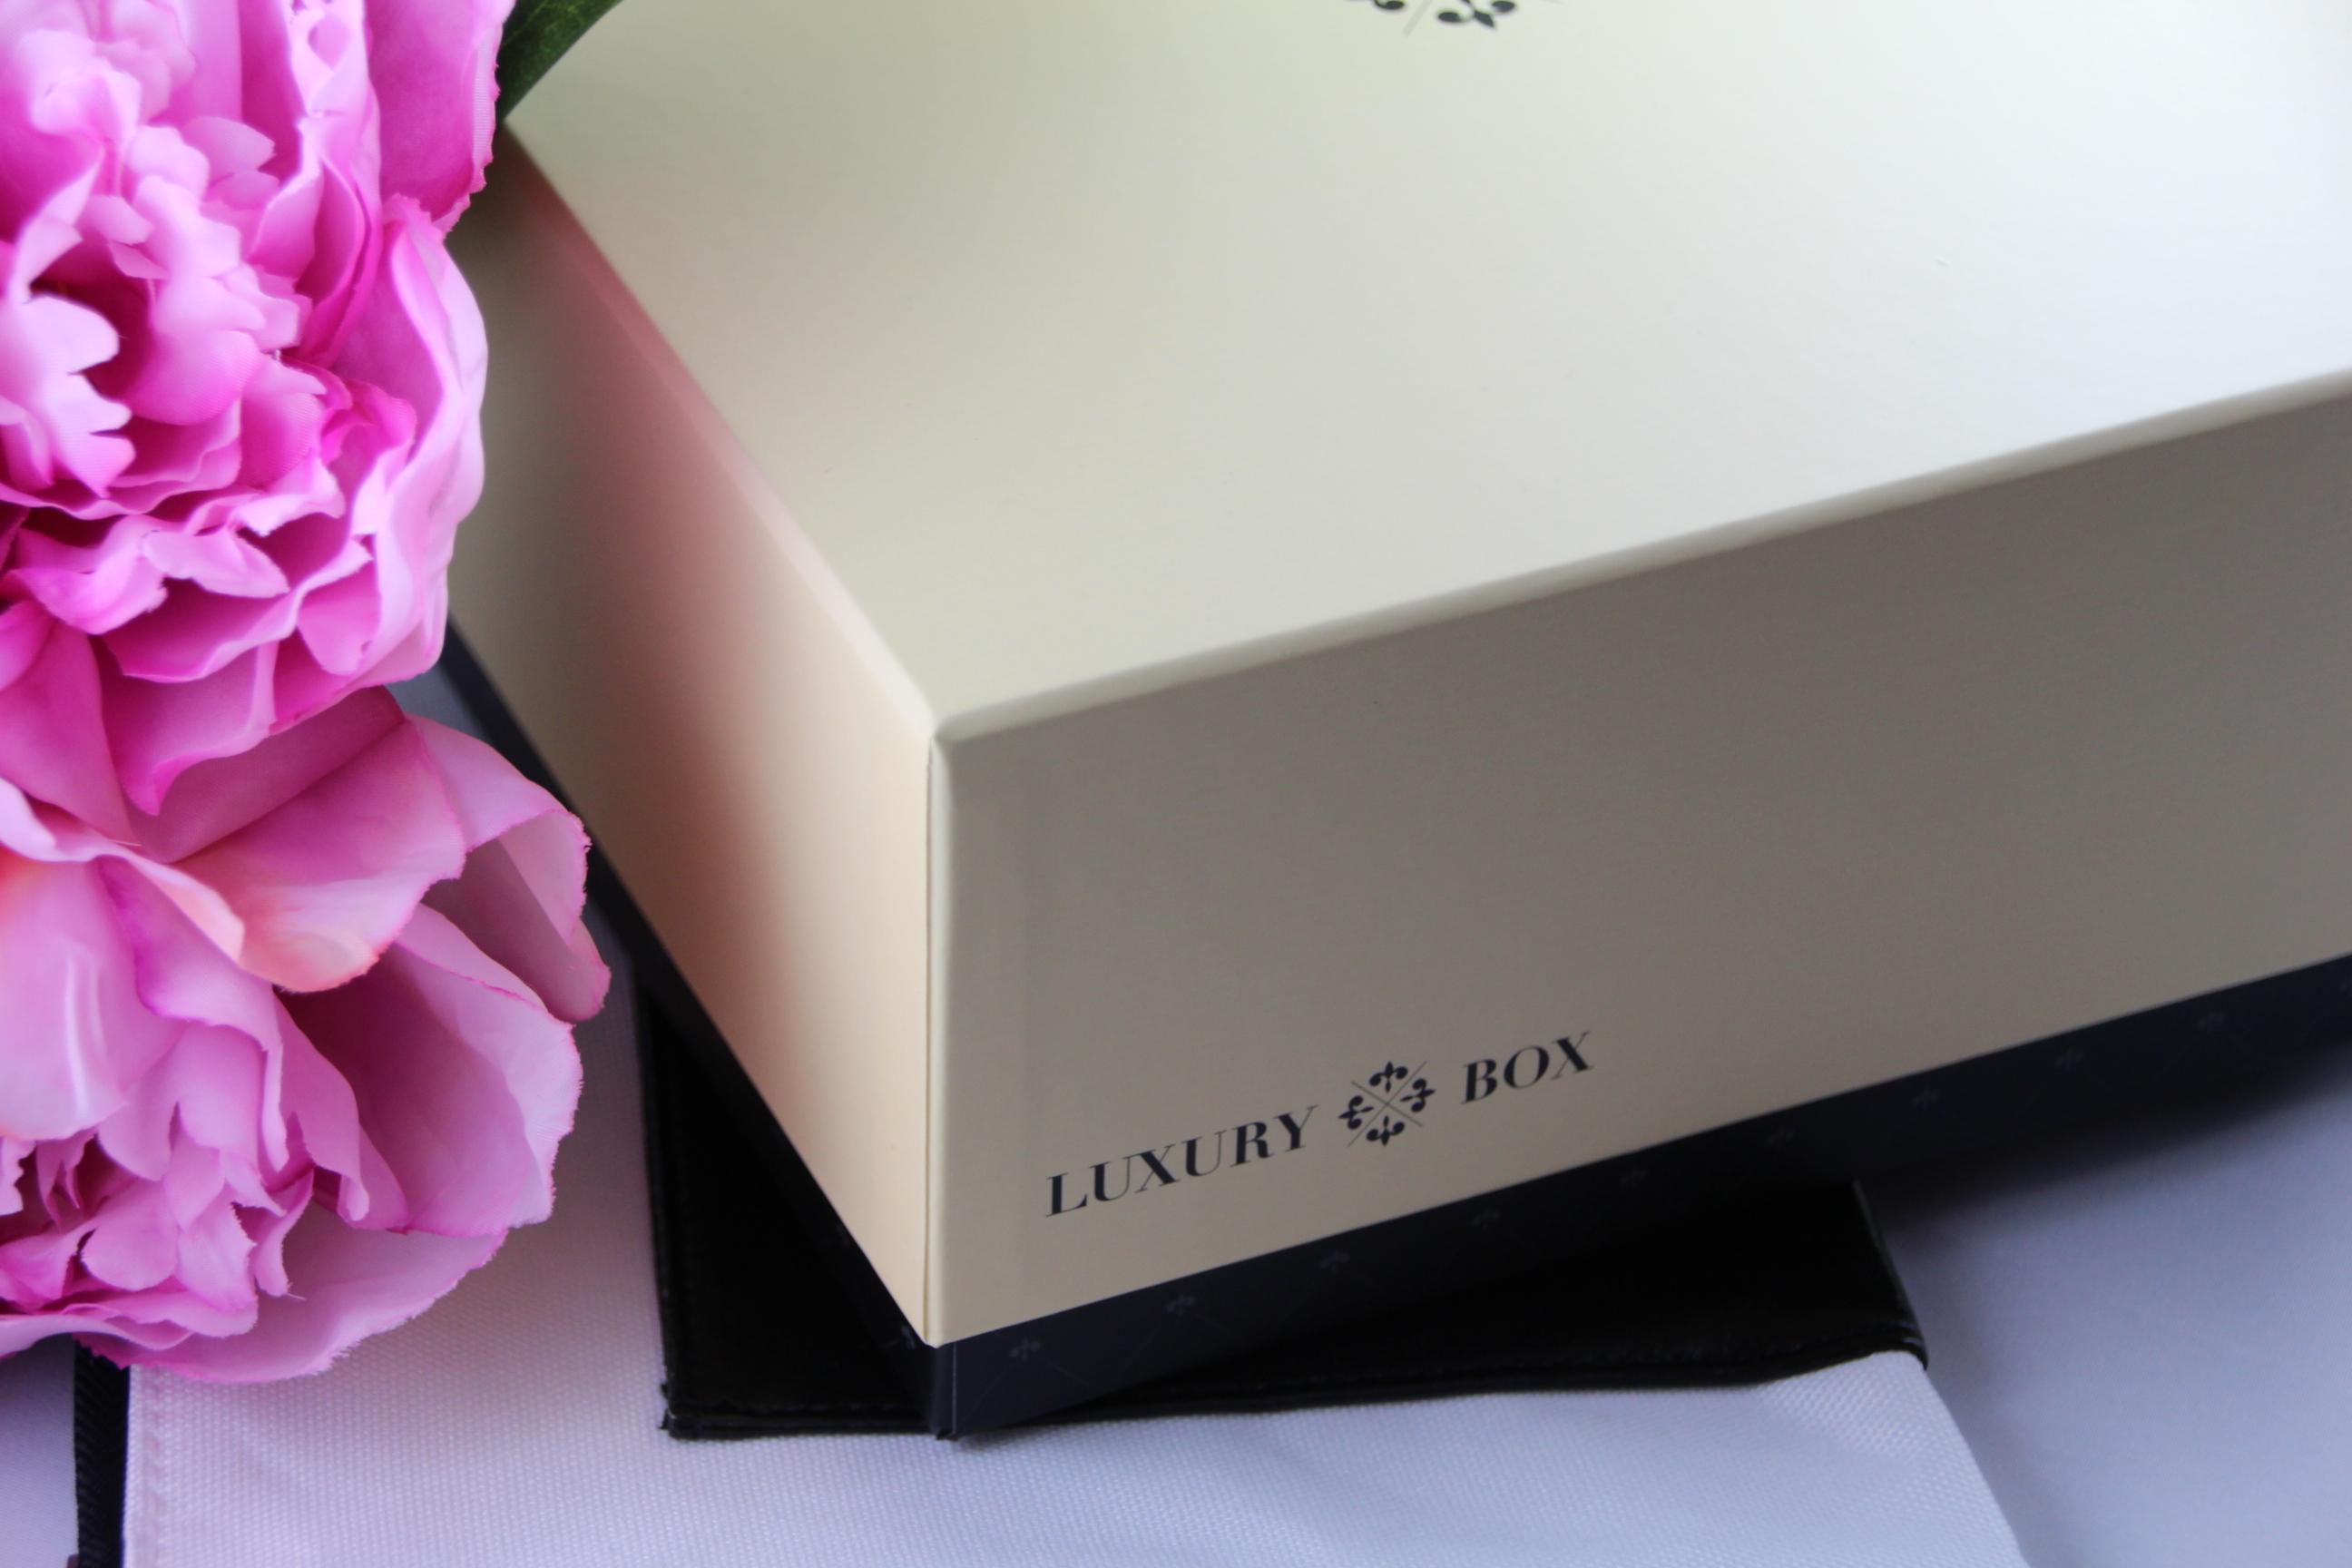 Vorstellung: die Luxury Box Nummer 8